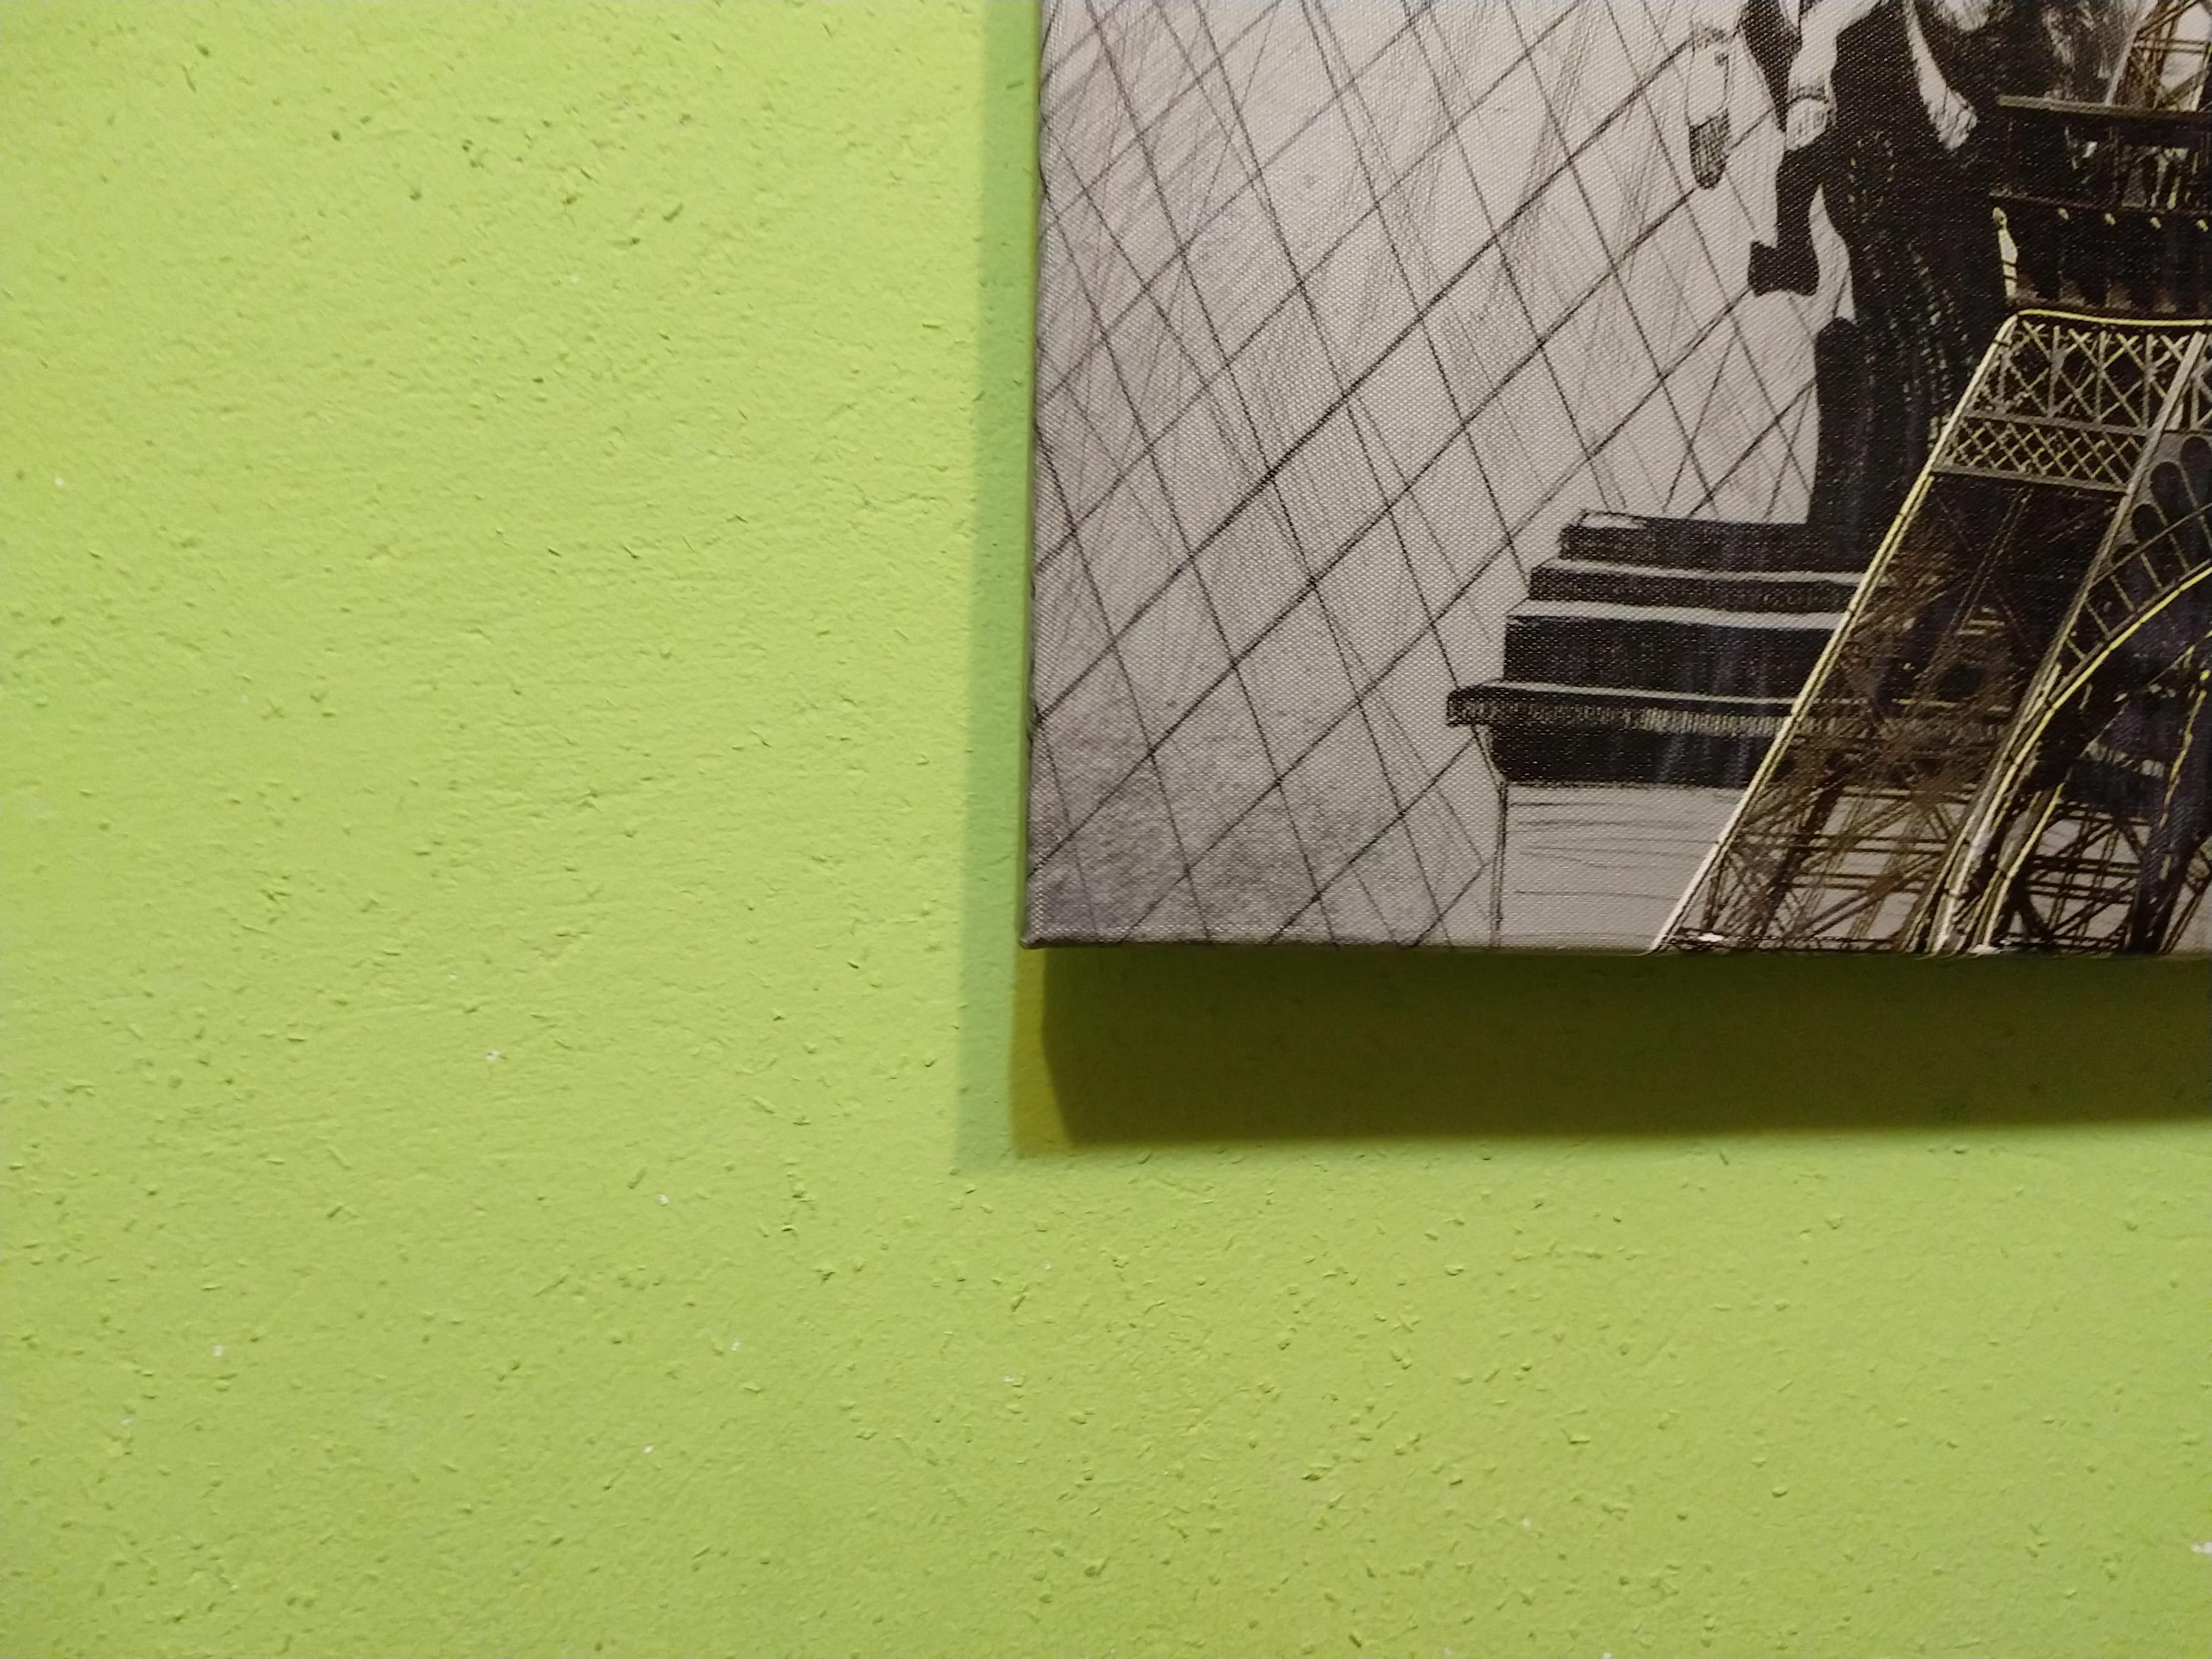 Zdjęcia w pomieszczeniu - Motorola Moto G6 Plus